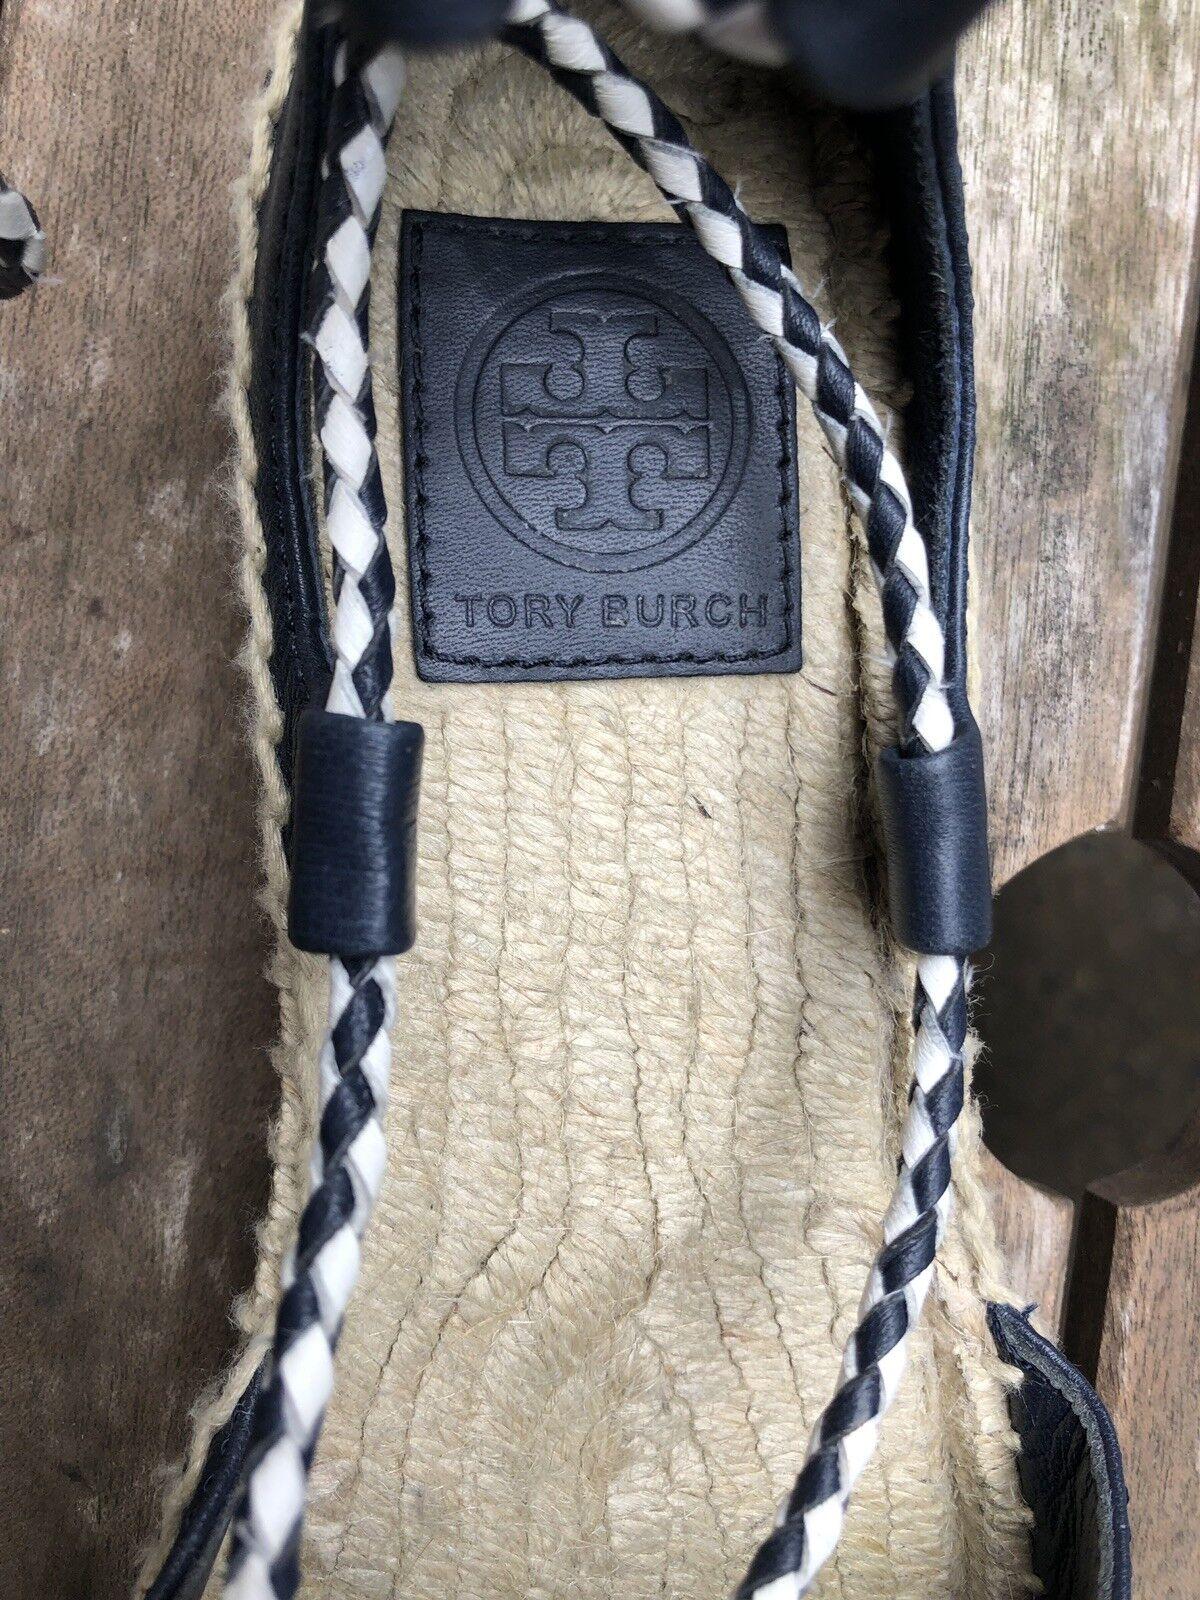 Tory Burch Burch Burch Positano Navy bluee Sandals Espadrilles Ballerina Flats Lace Up 75d795